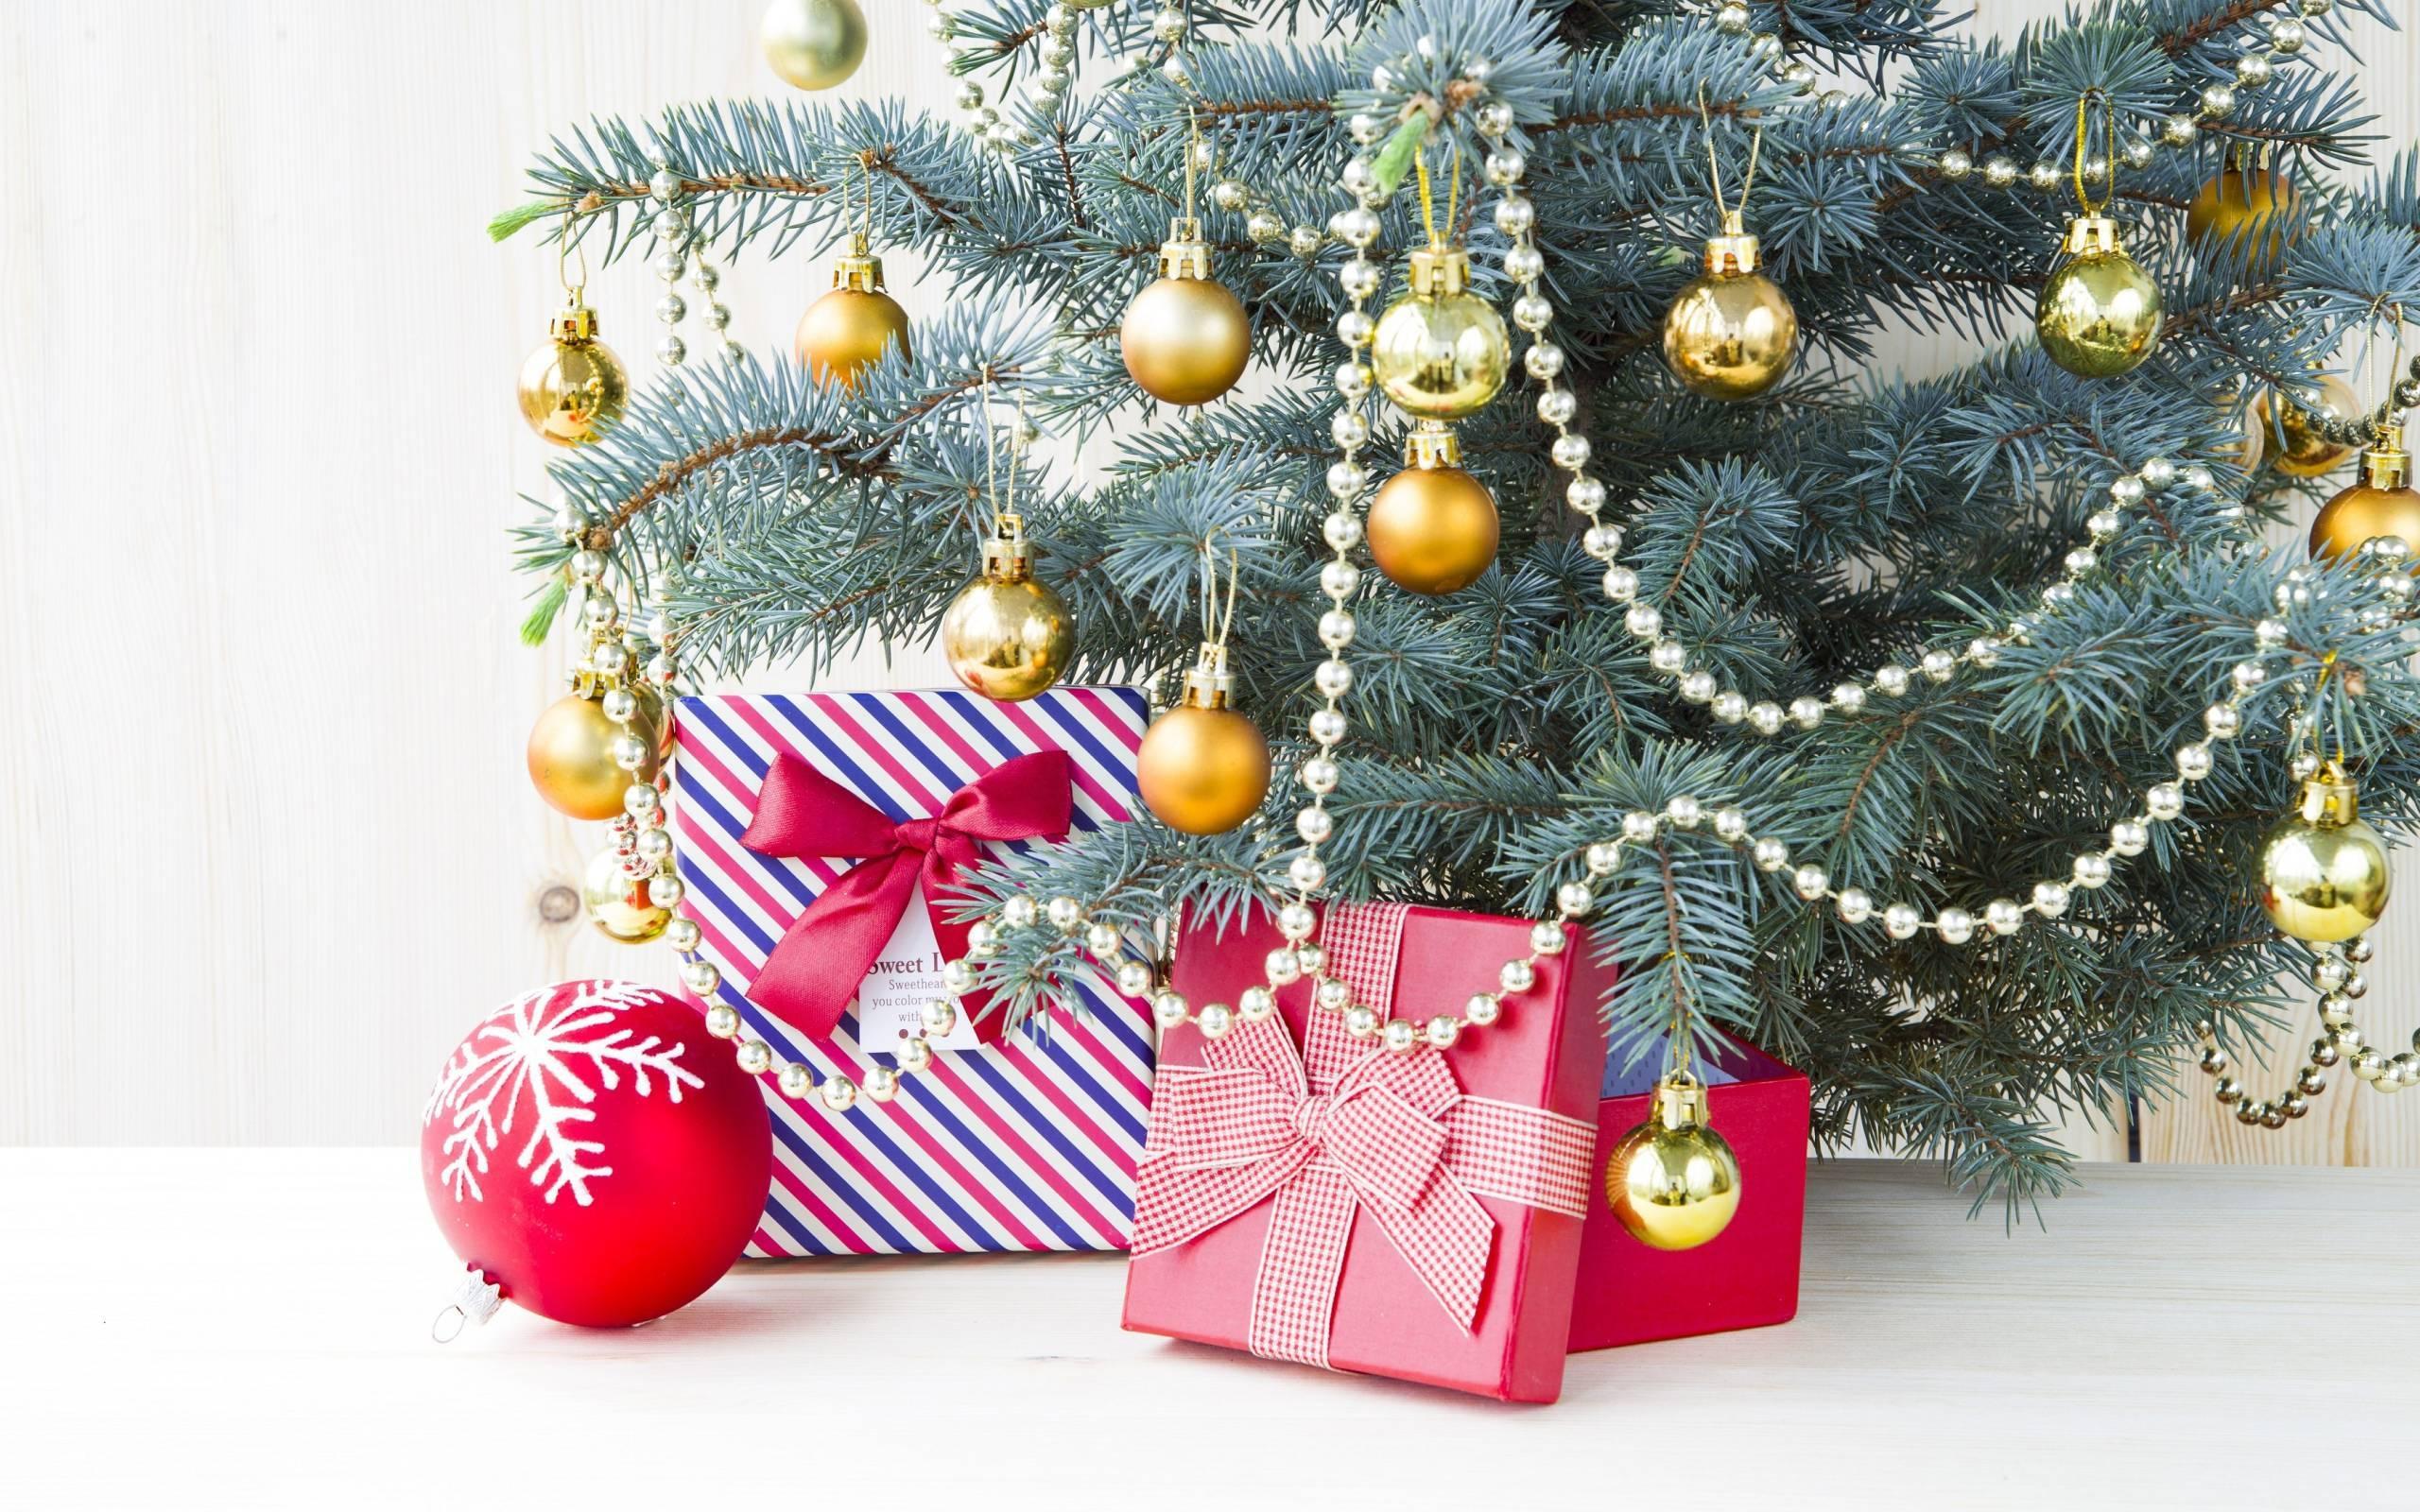 Как украсить елку на Новый год: цвет, стиль, материалы